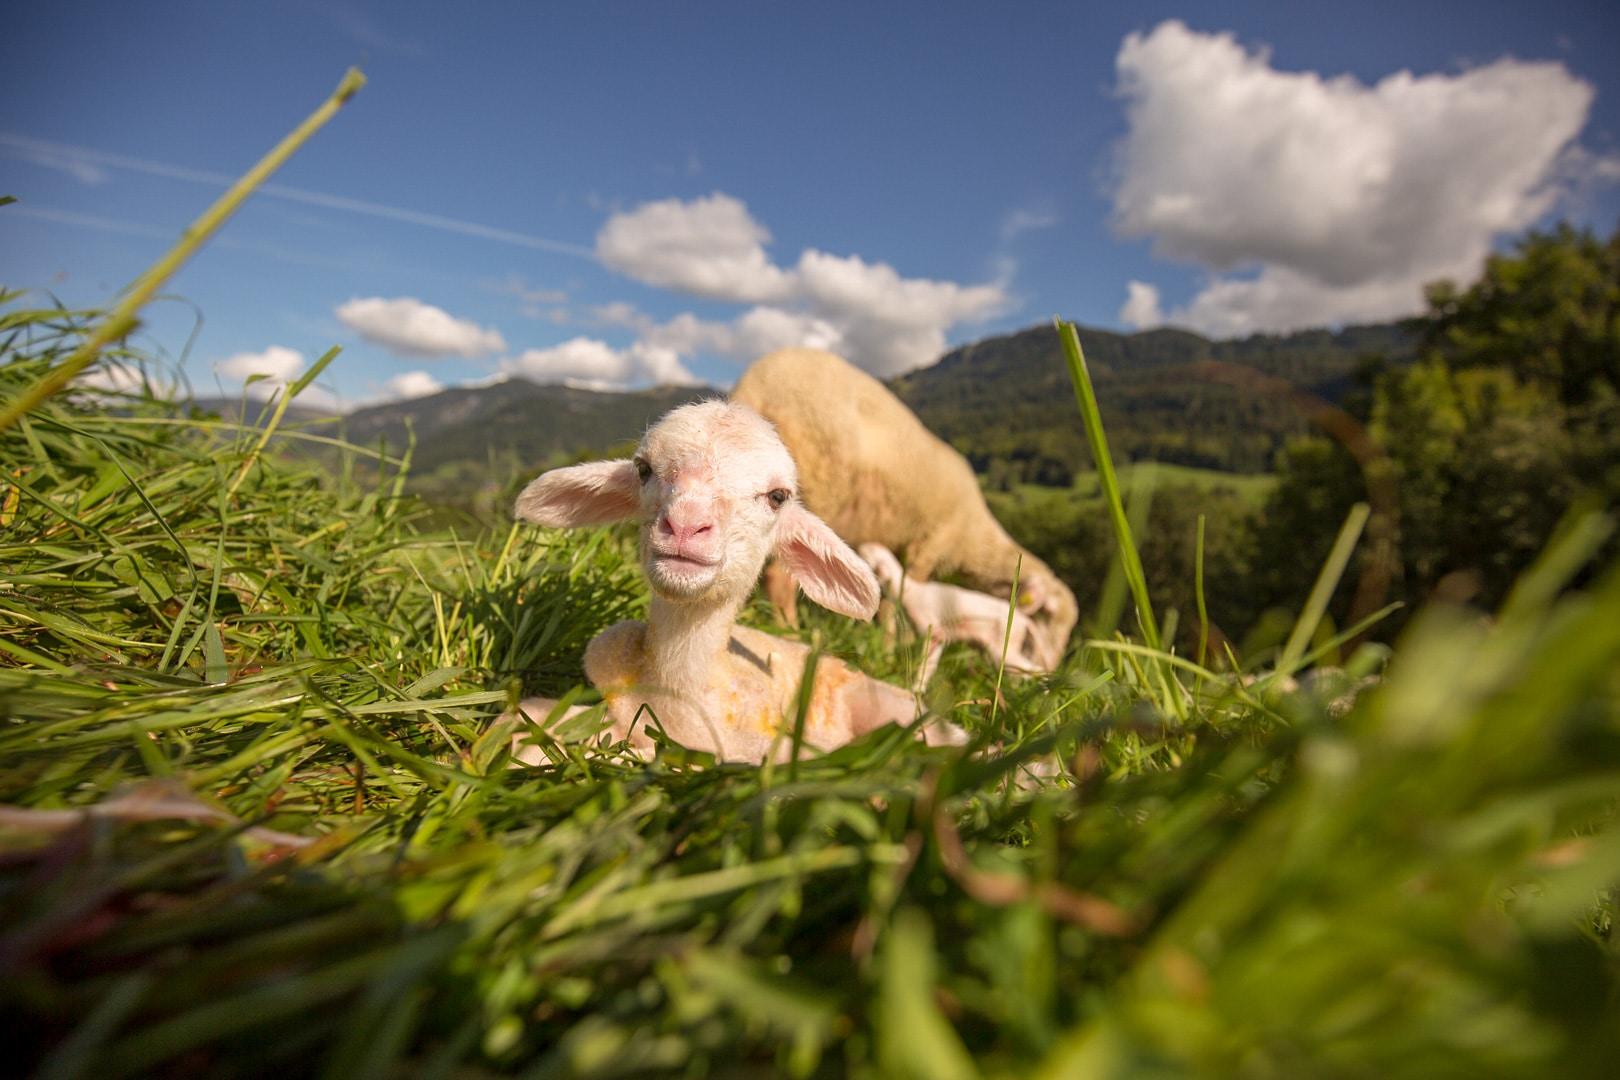 Agnelage, naissance d'un agneau